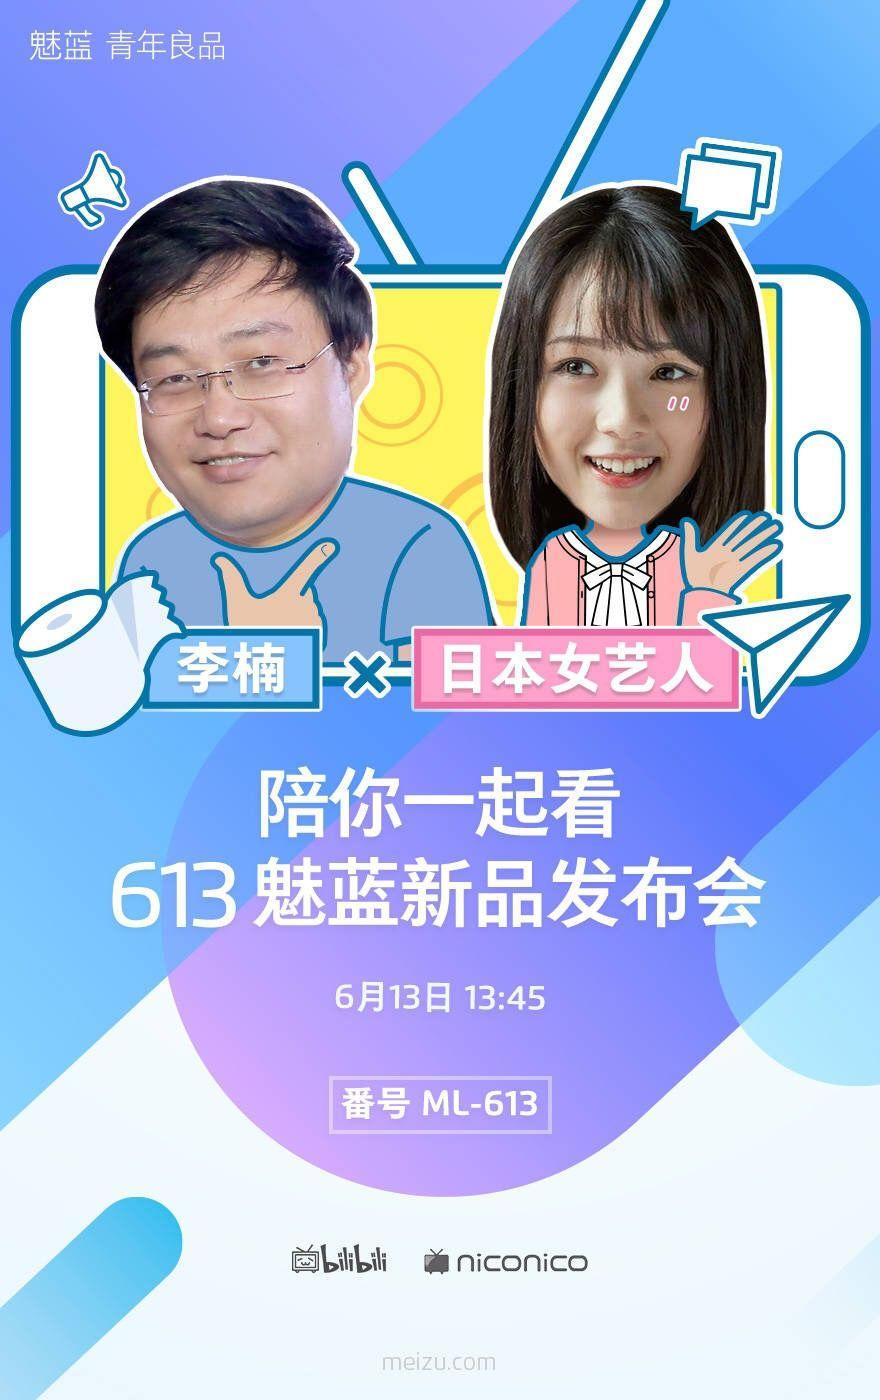 李楠 氏とセクシー女優の鈴原エミリ氏がbilibili動画とニコニコ動画でのMeizu m3s発表会中継に出演